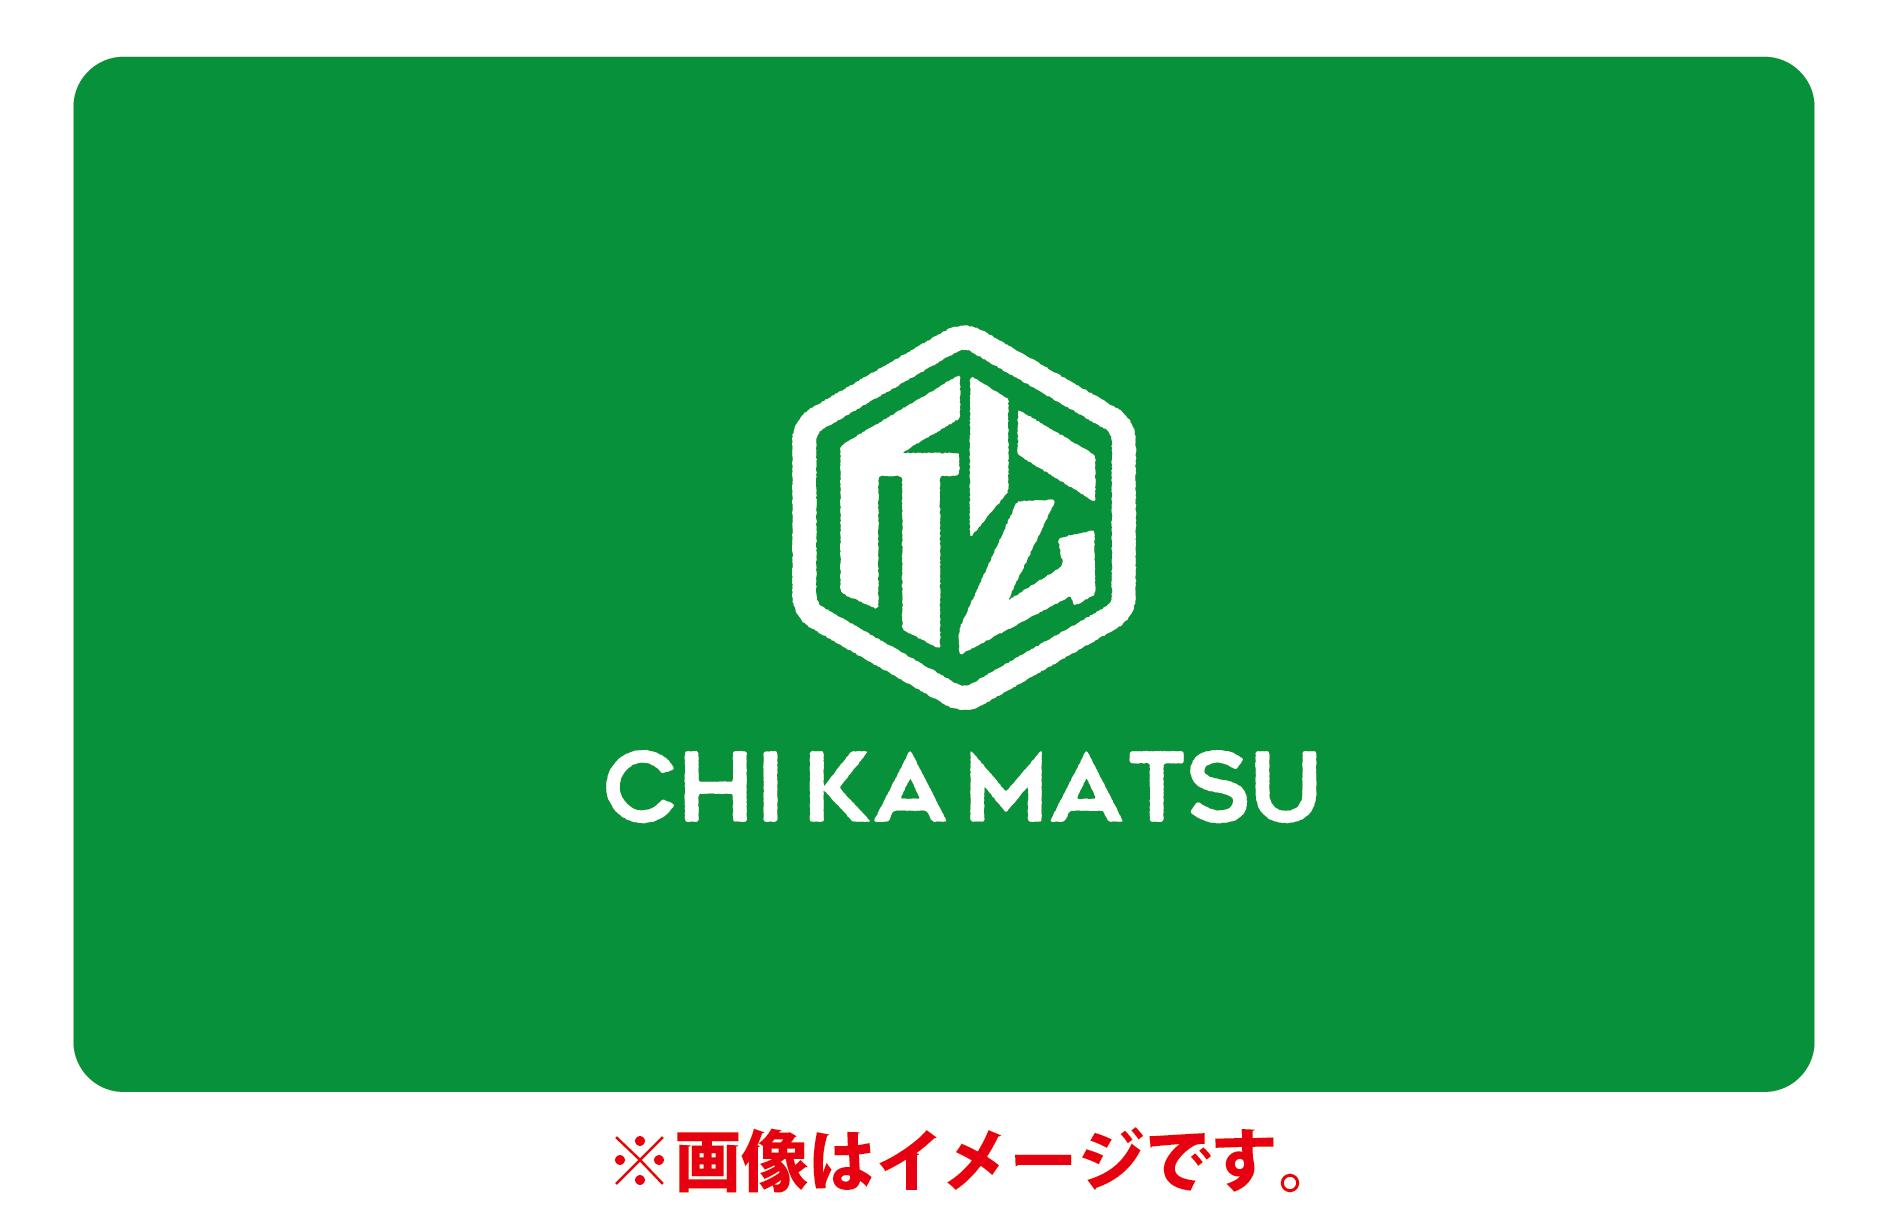 【近松会員カードプラン】